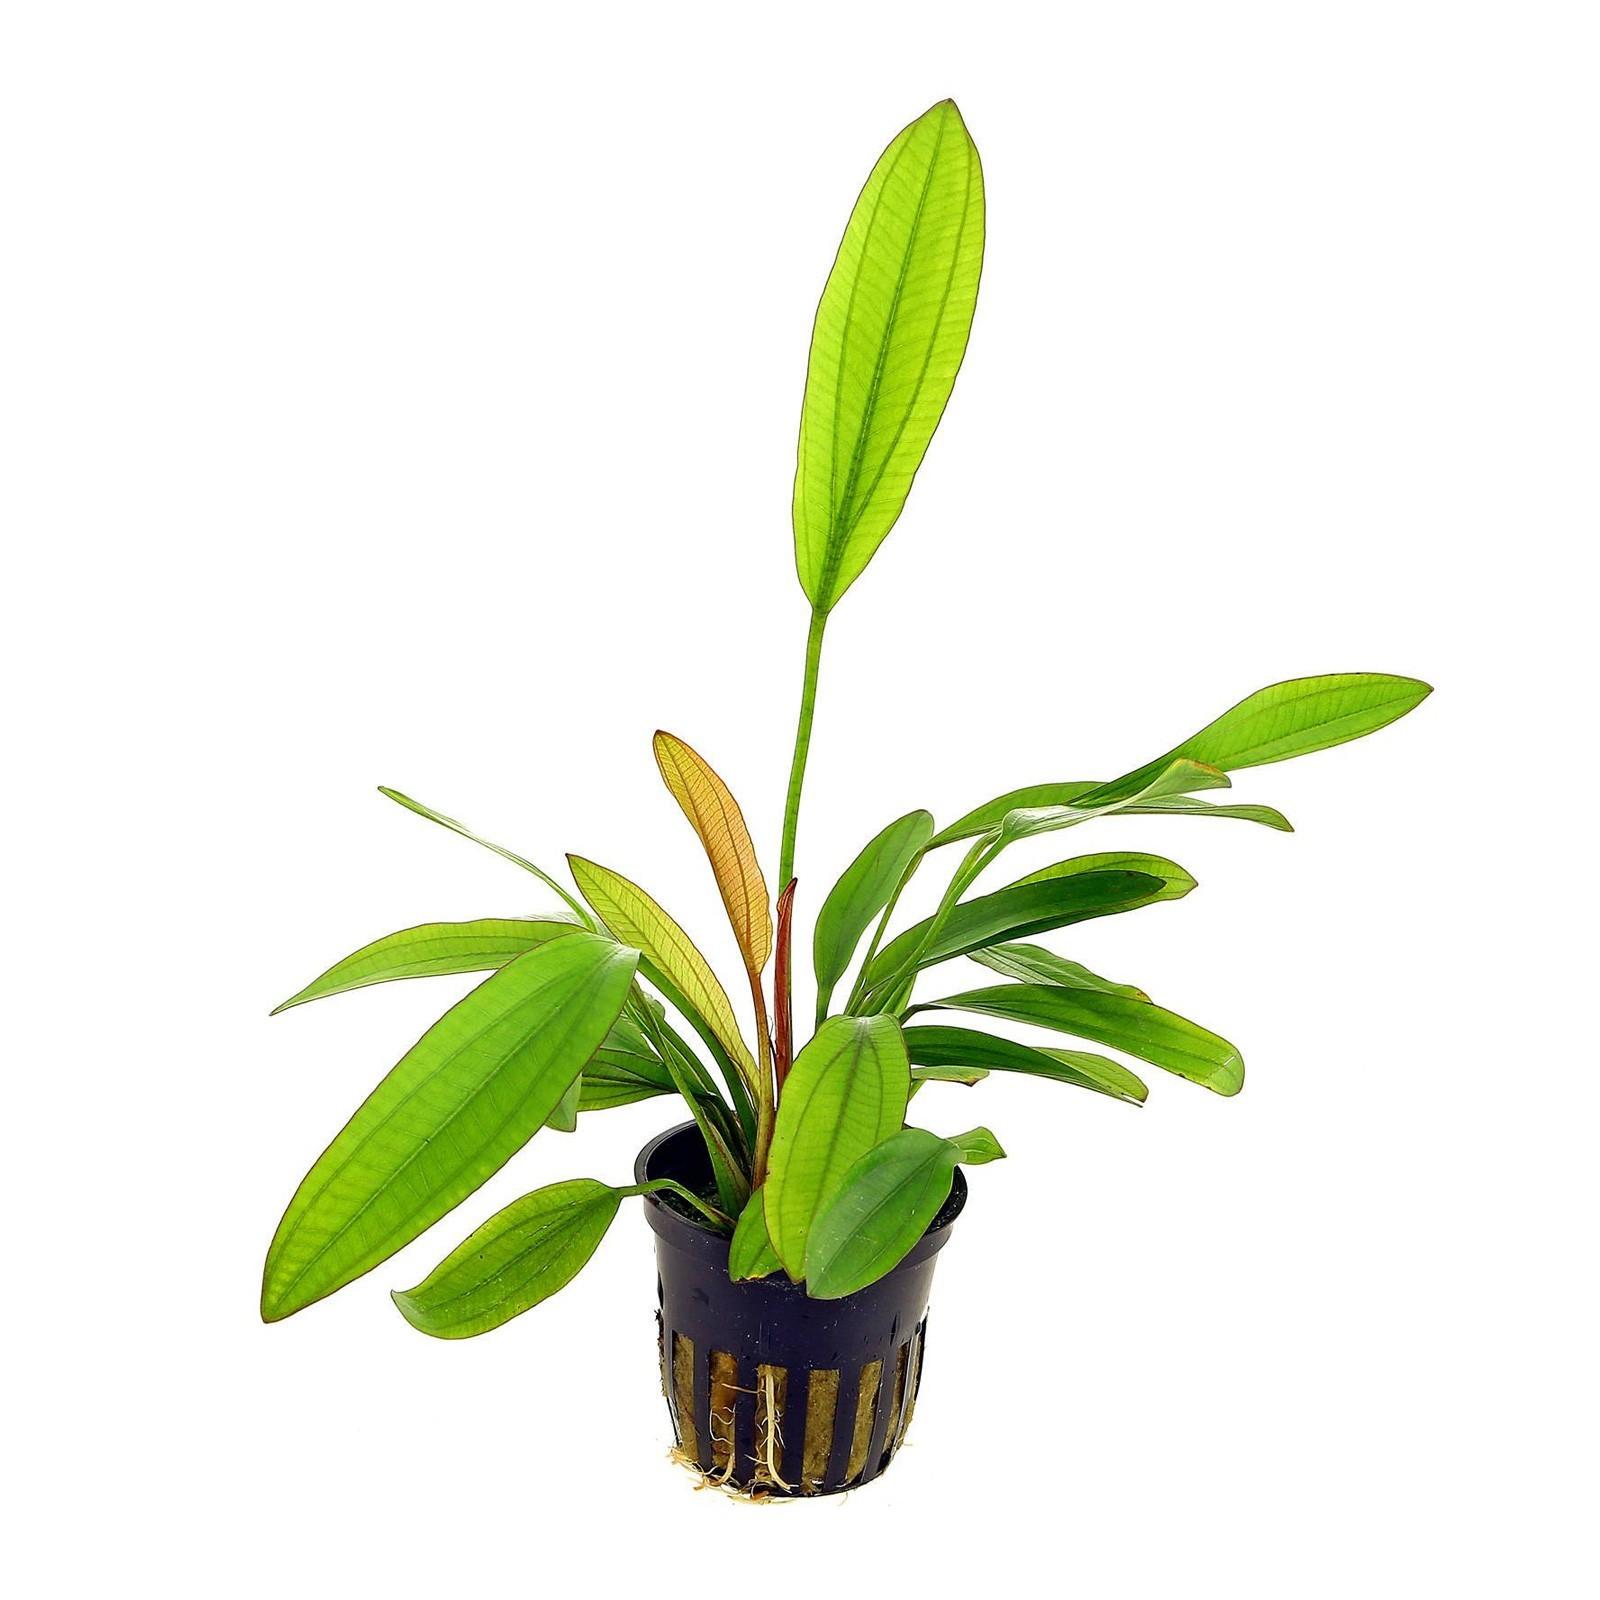 Echinodorus barthii pianta acquario pianta madre